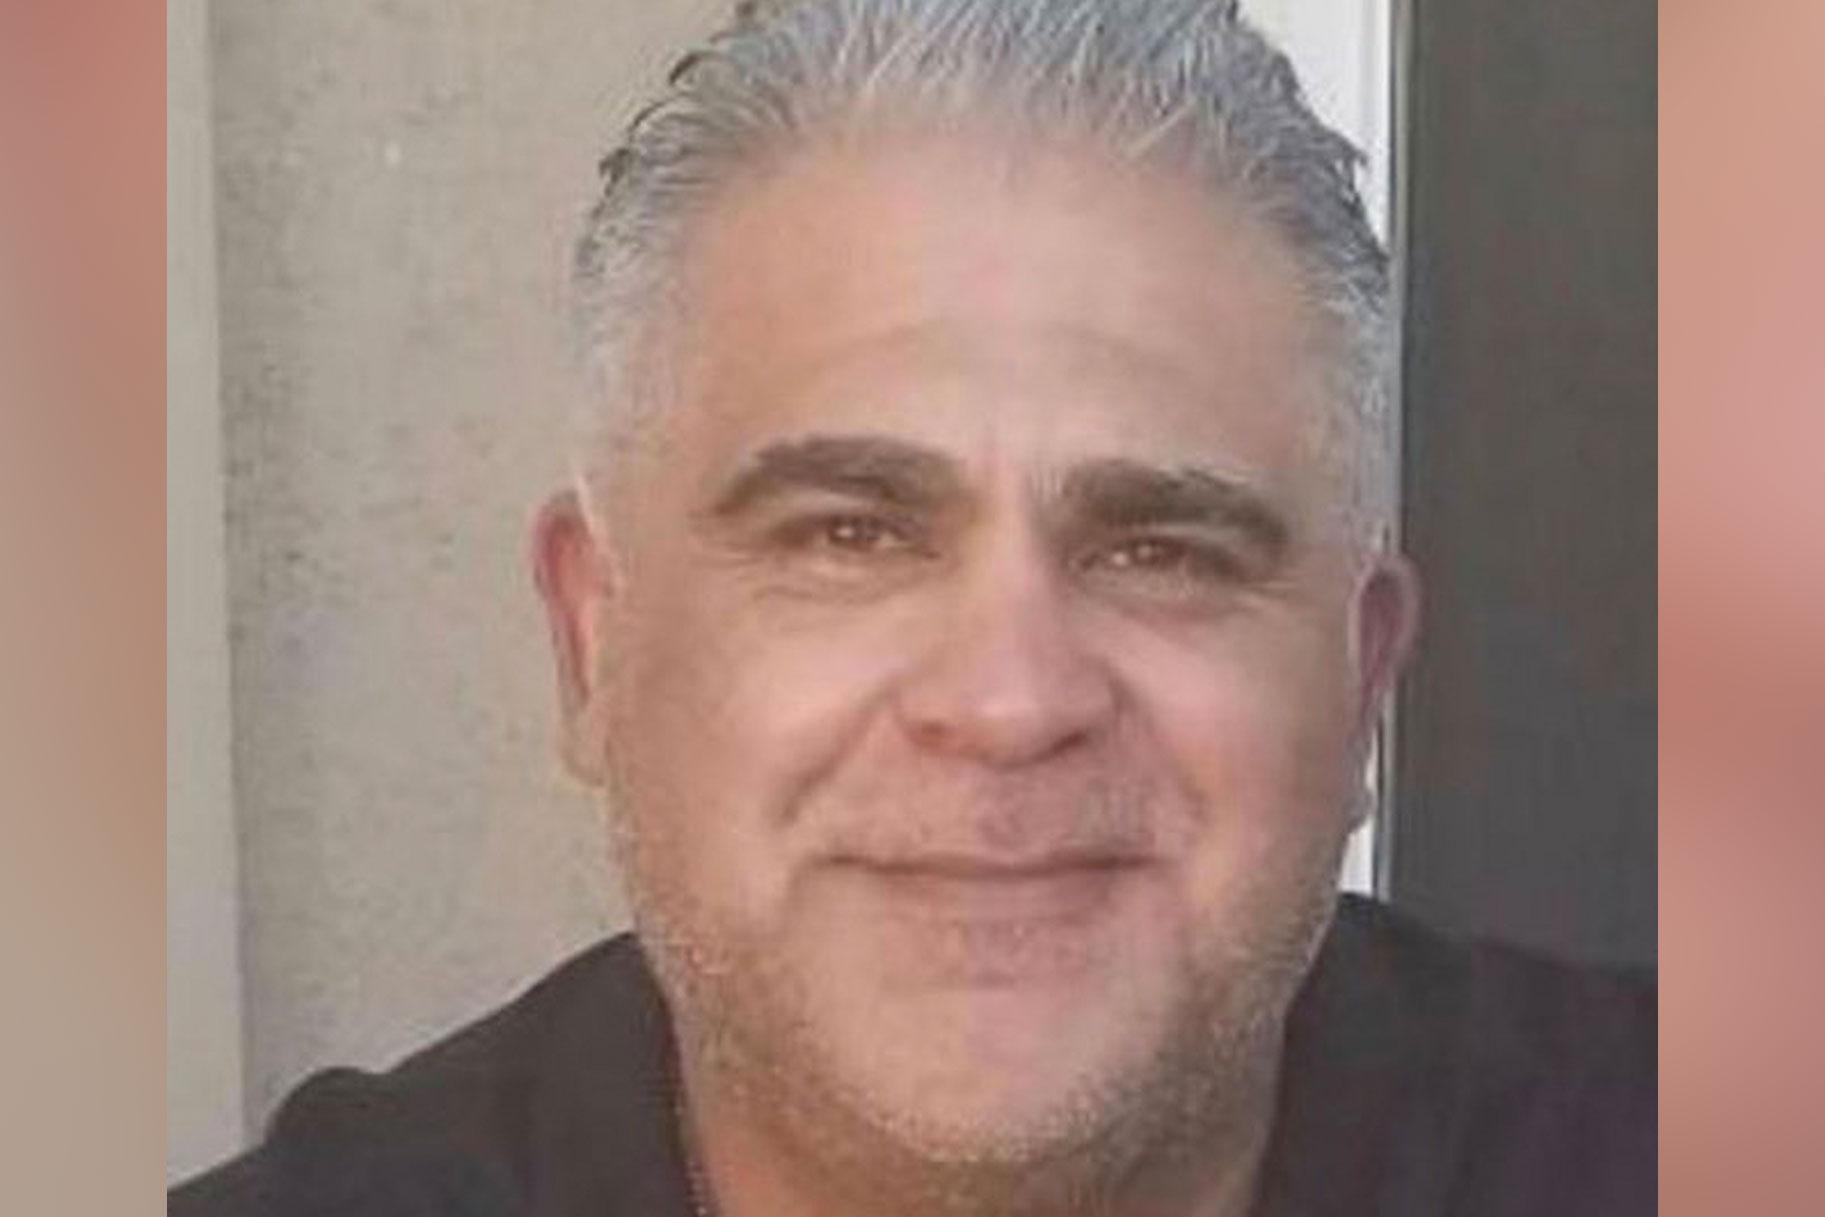 'Es una pesadilla': una familia encuentra la casa de un bombero de Los Ángeles 'saqueada' mientras está desaparecido en México